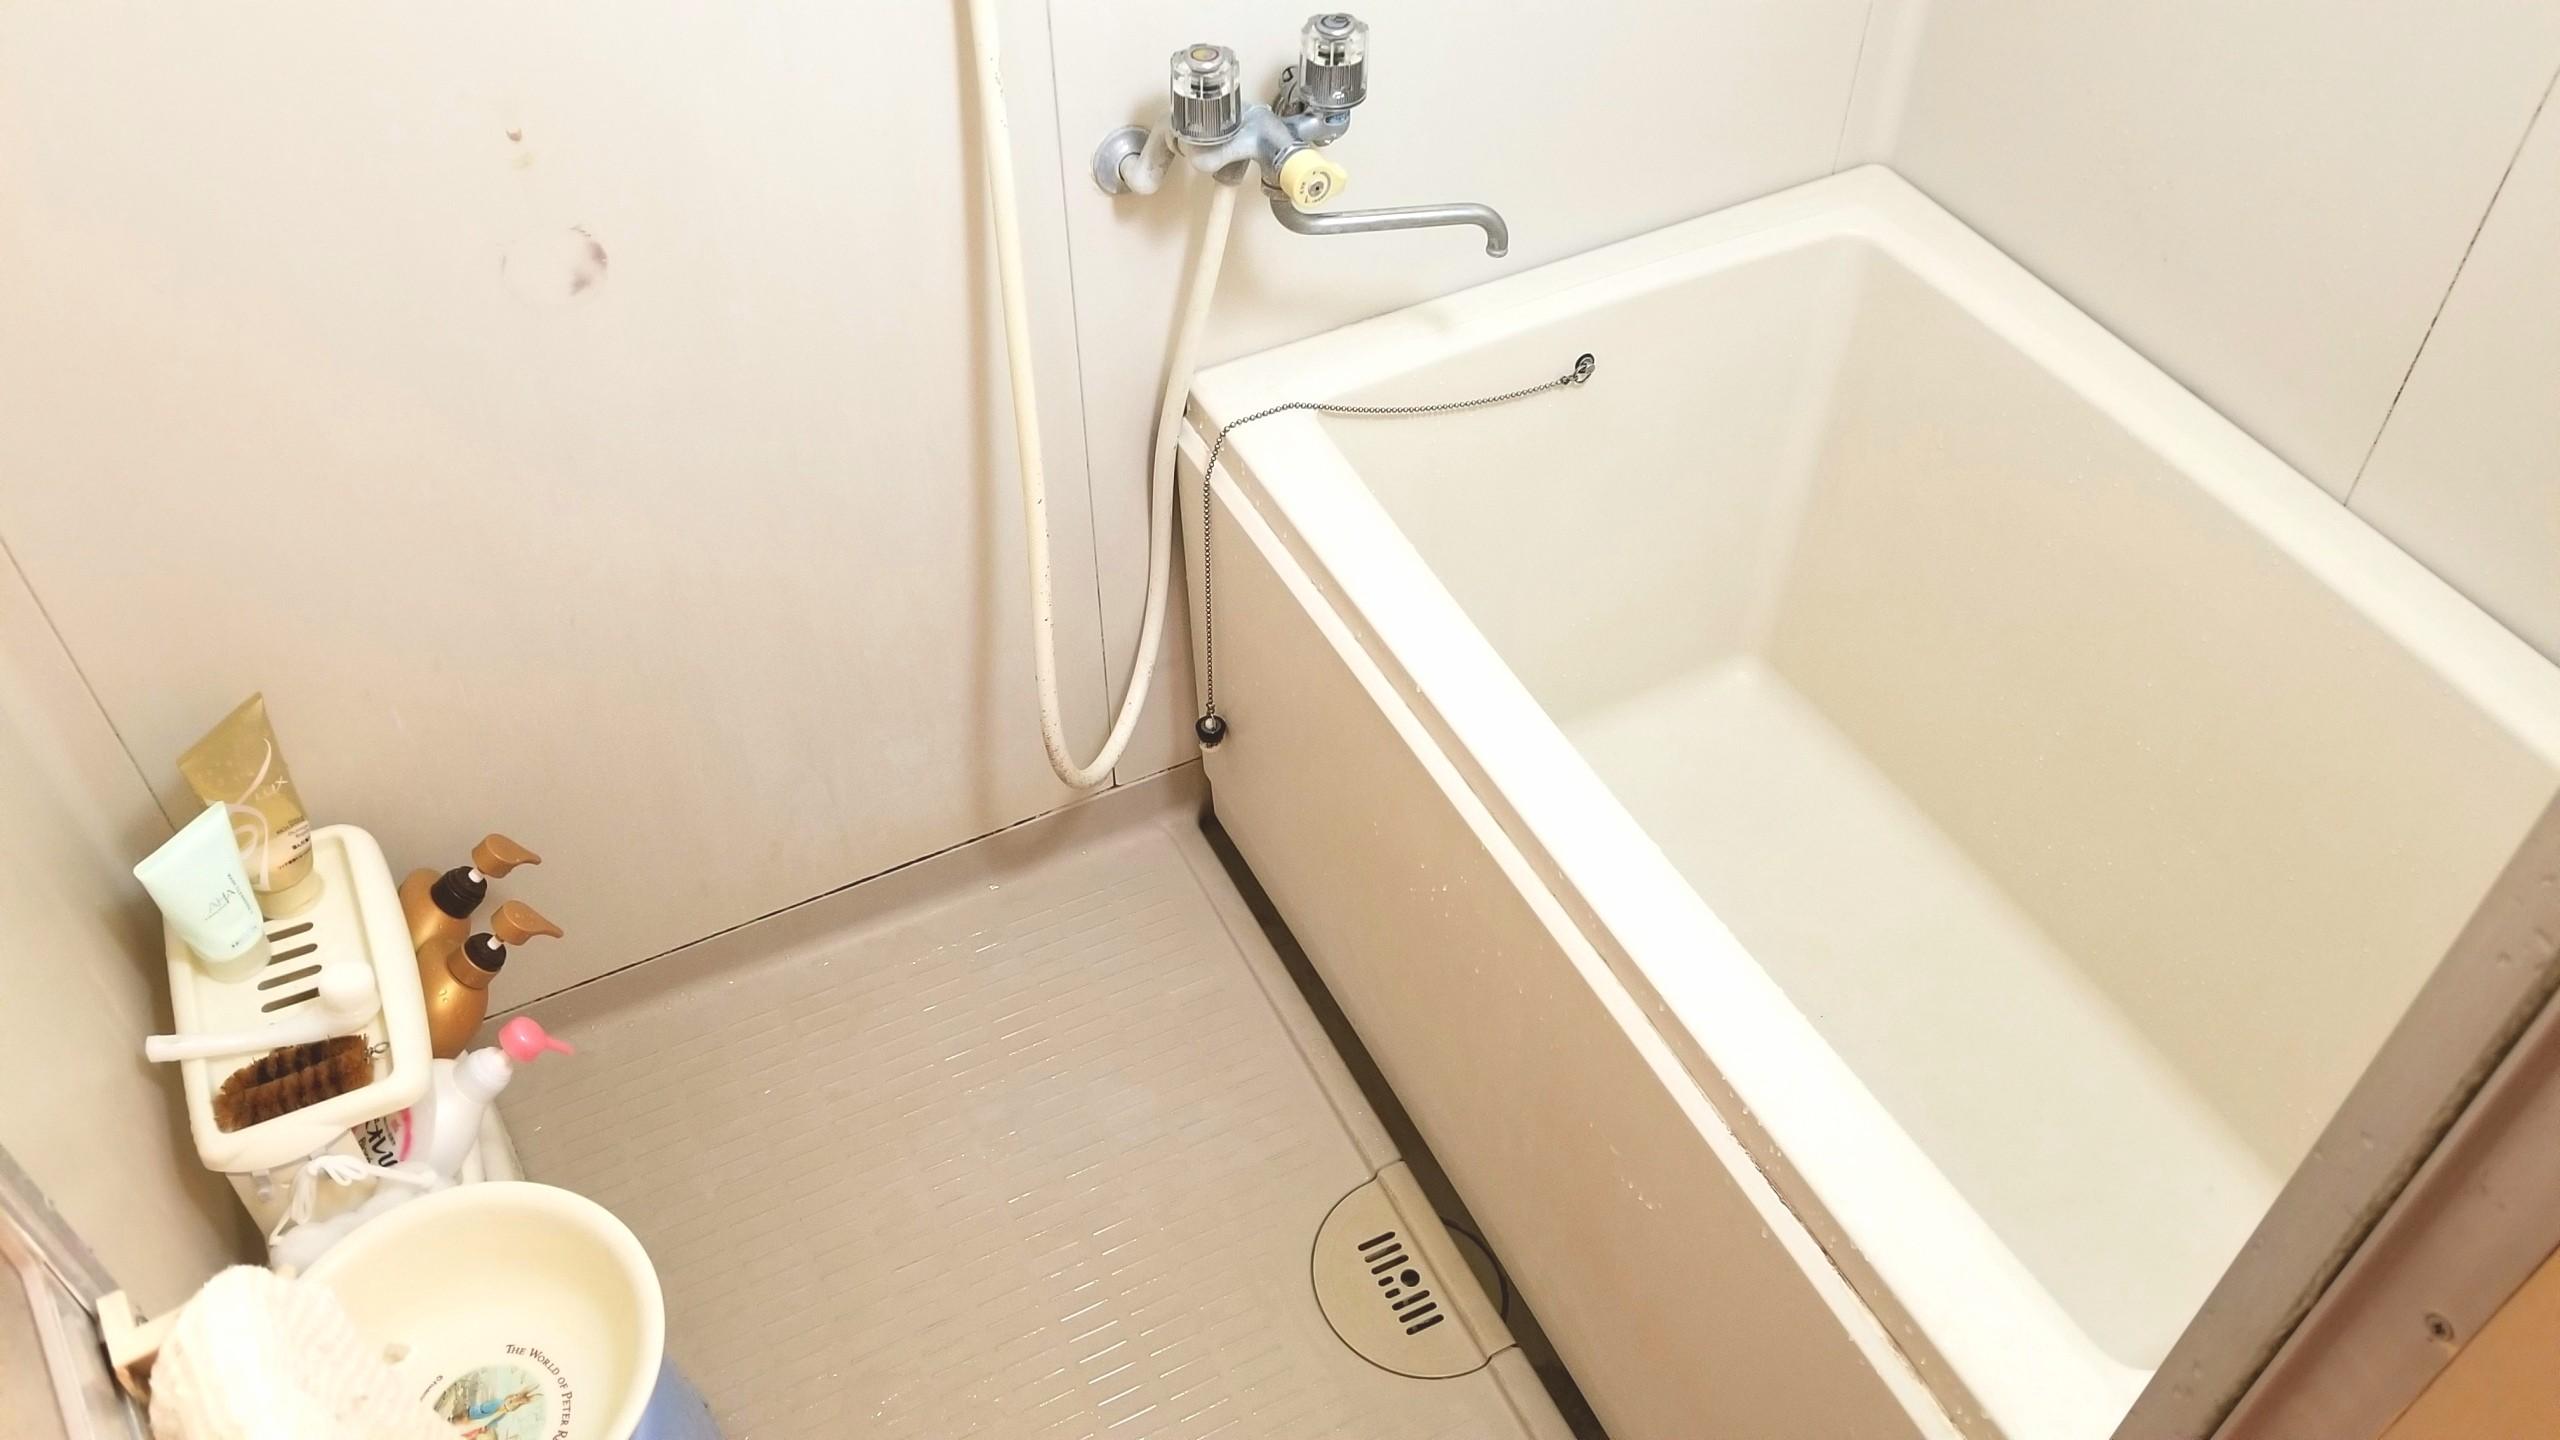 一人暮らしバスルームお風呂マンション築45年,意外と綺麗な掃除